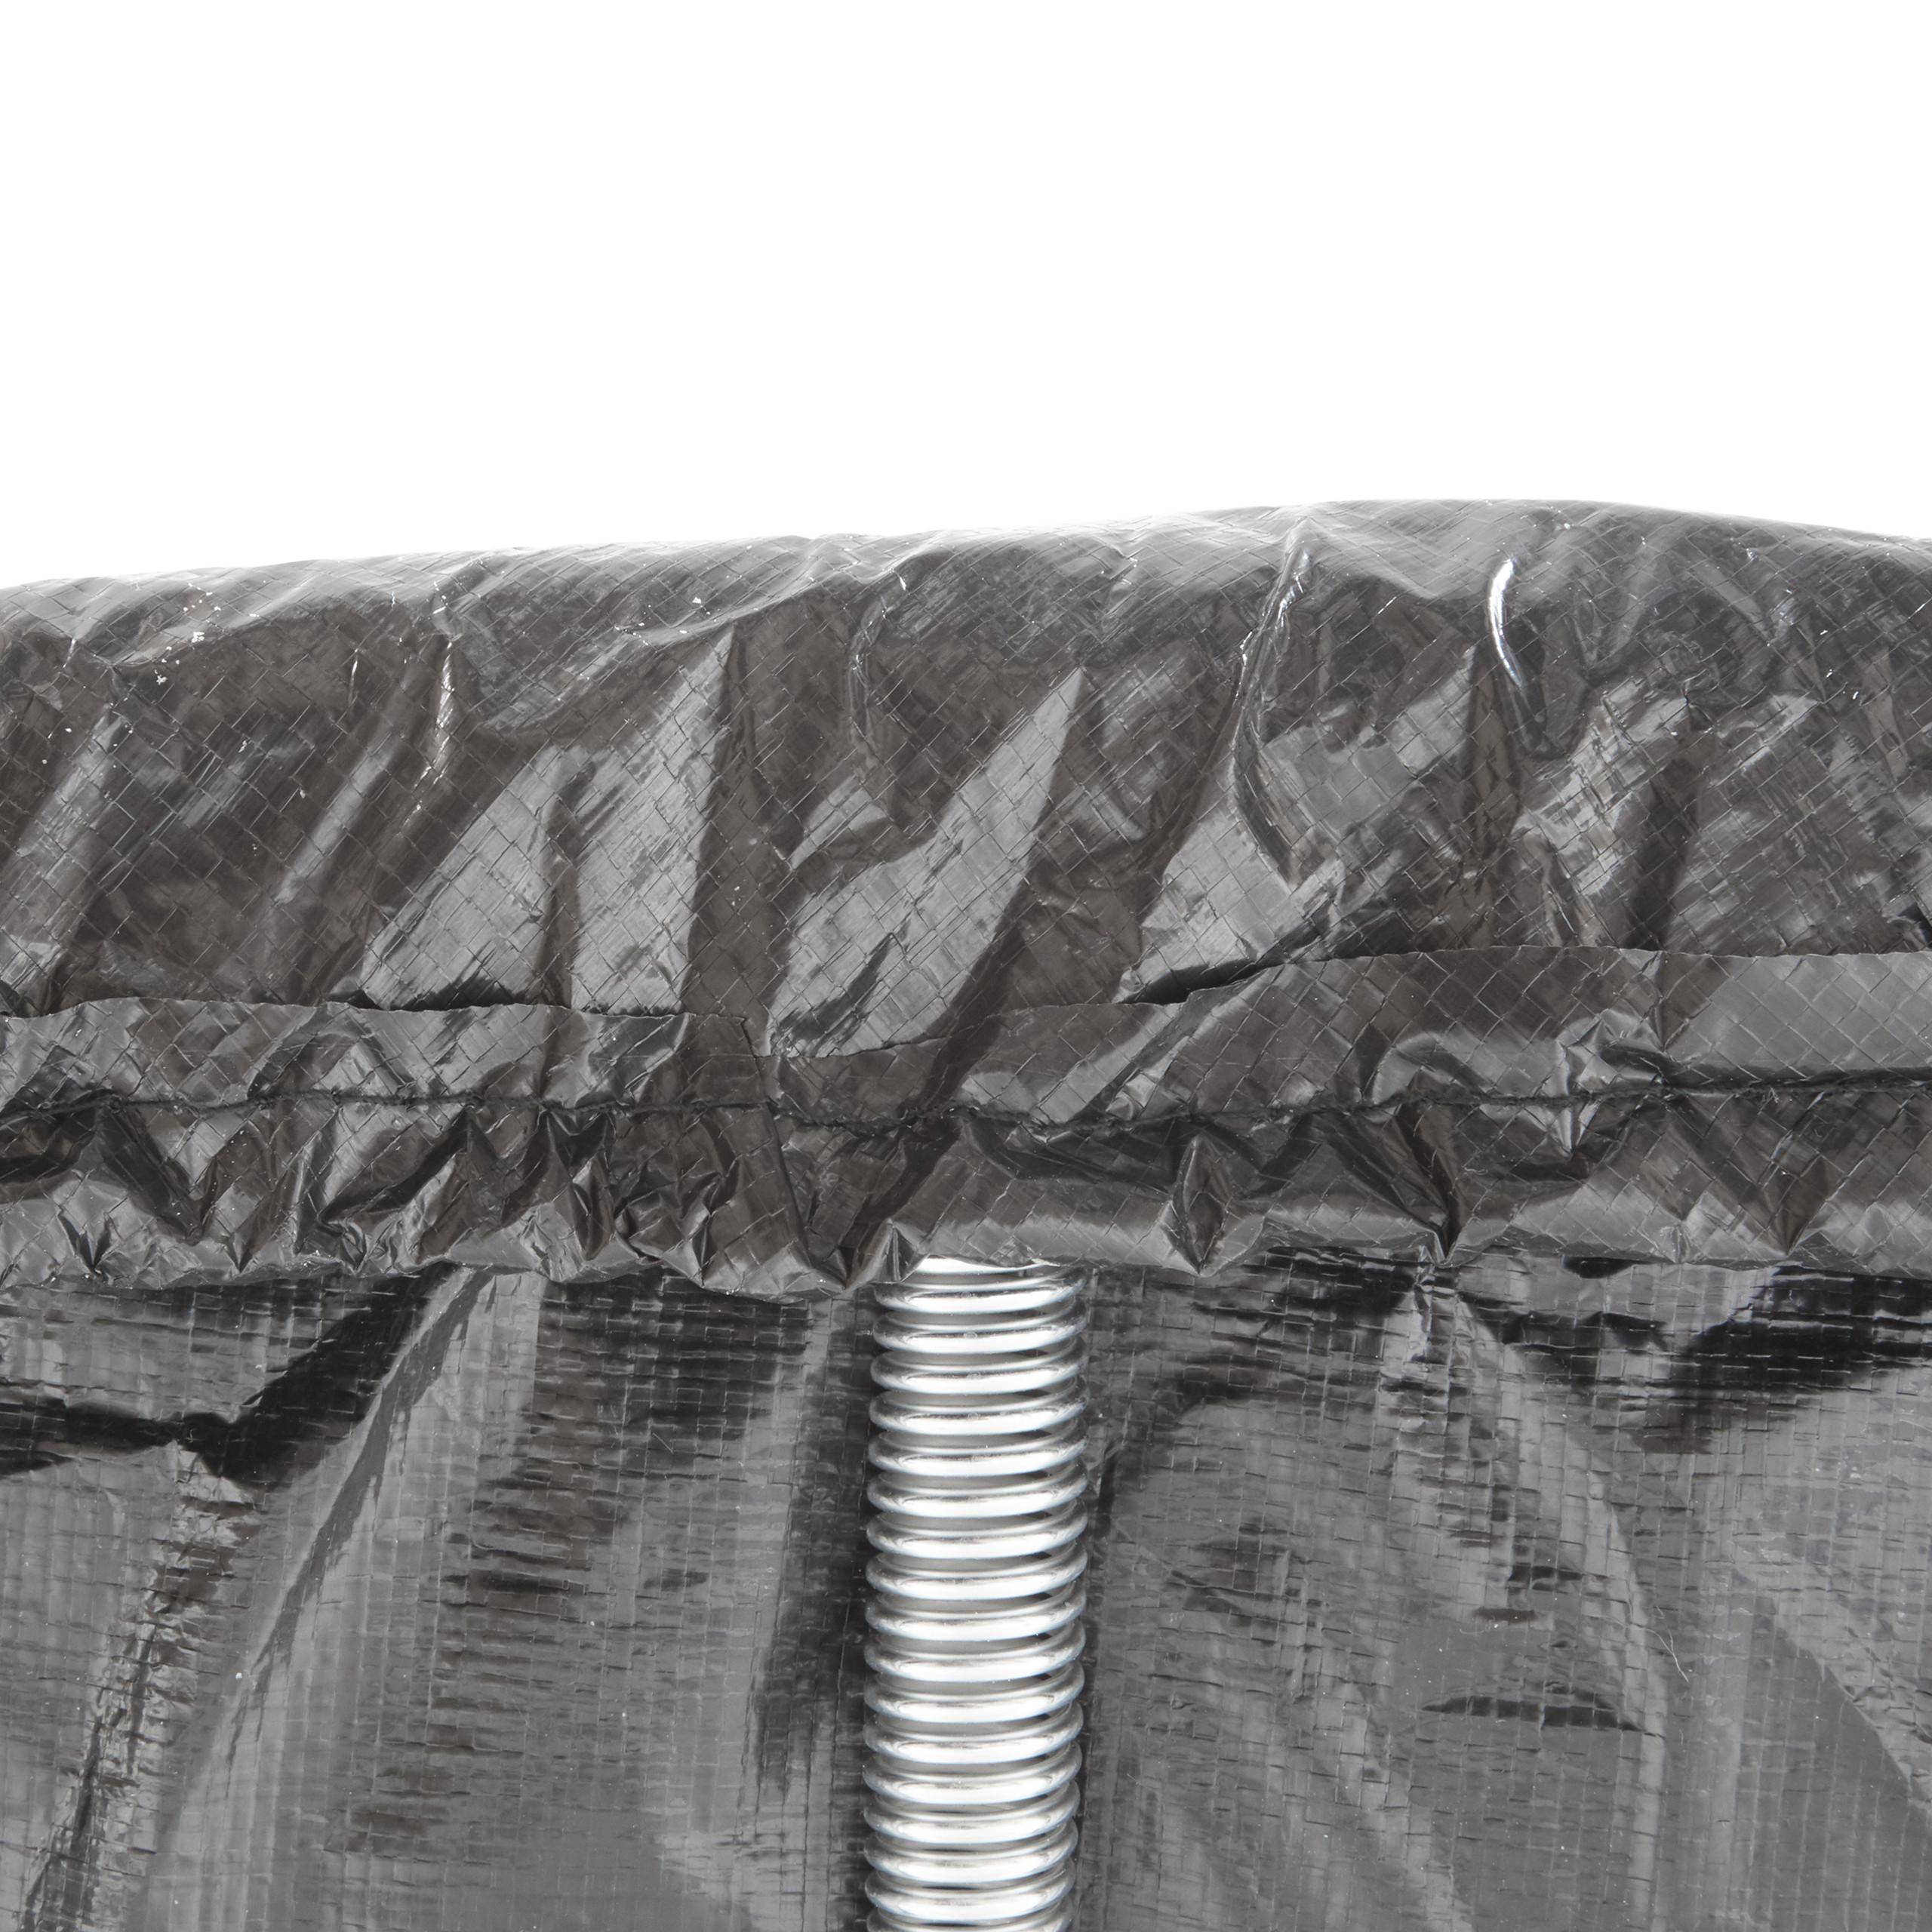 Housse-de-Protection-pour-Trampoline-Bache-pluie-vent-jardin-intemperies miniature 15